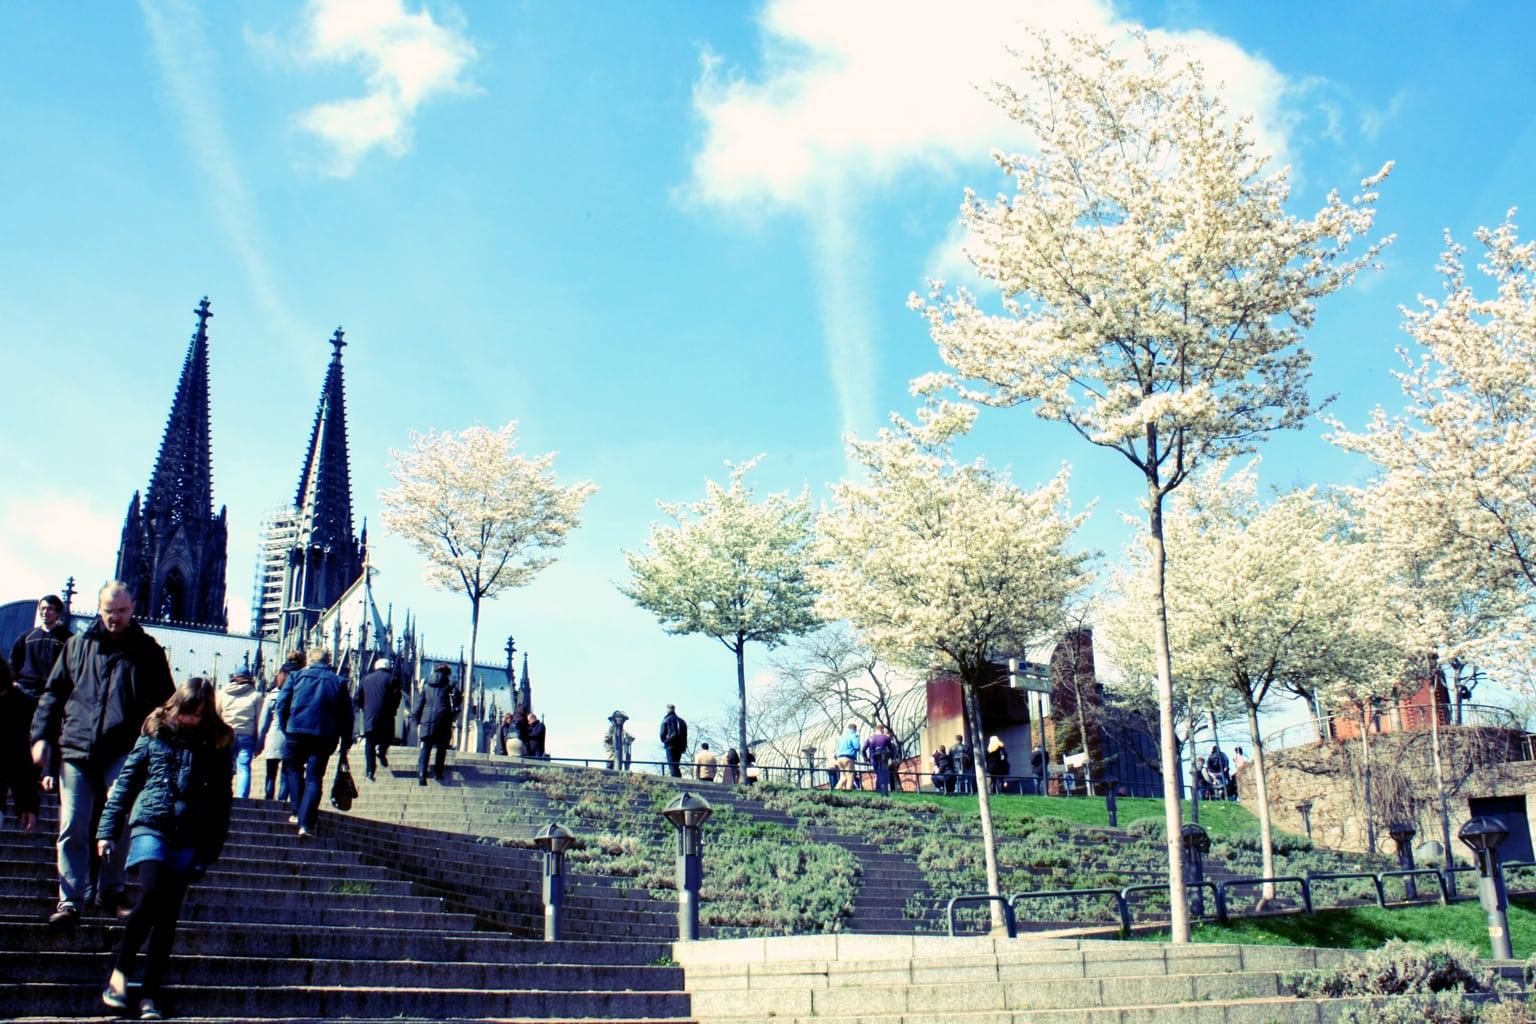 La primavera también llega a las ciudades.